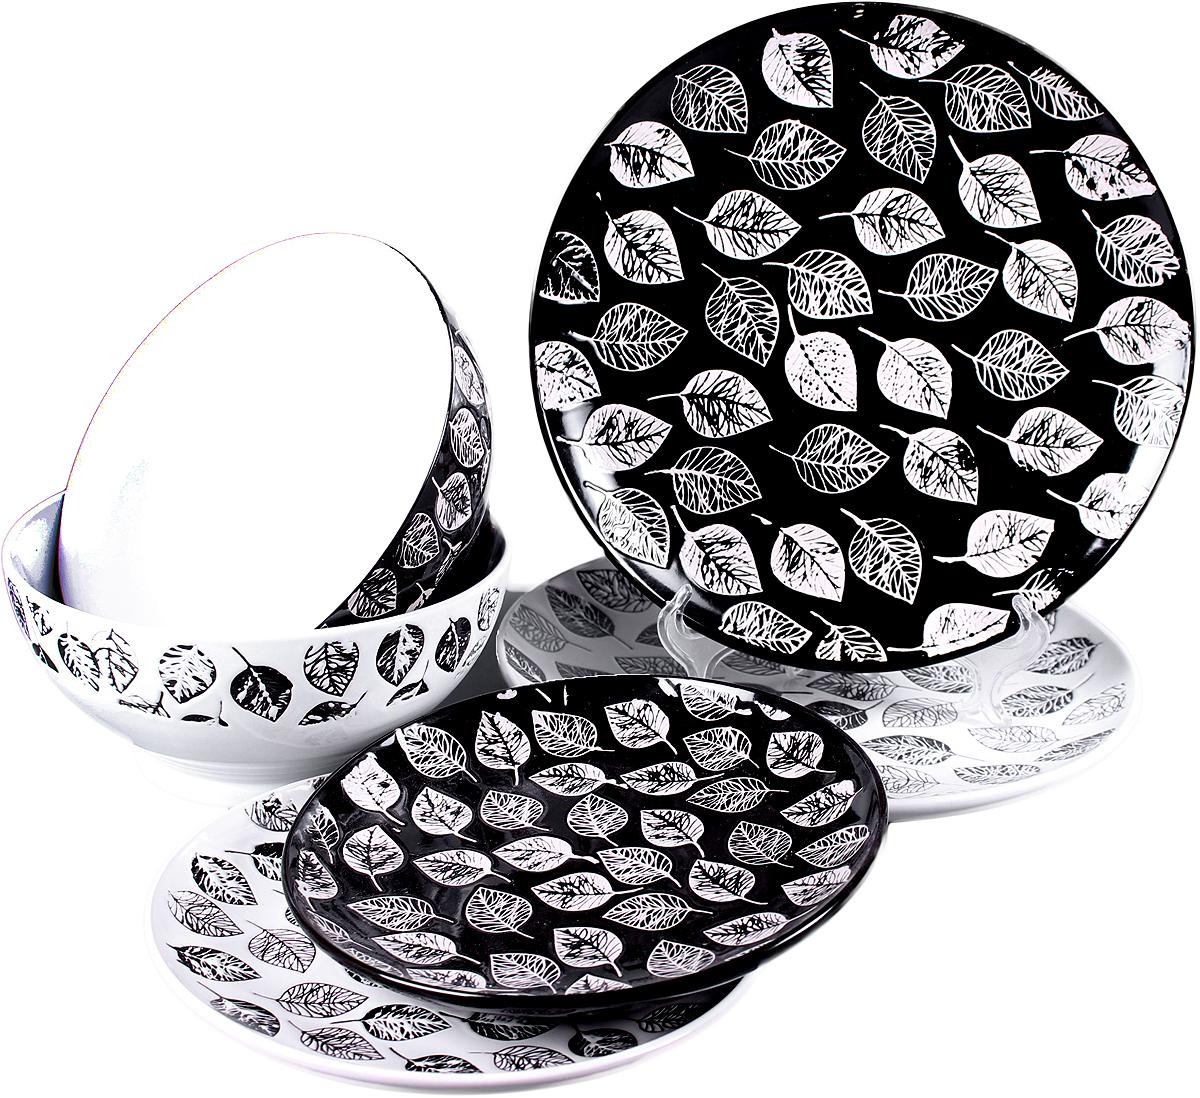 Набор столовой посуды Elrington Нуар, 18 предметов. GR-2071BWGR-2071BWНабор столовой посуды с оригинальным дизайном обязательно понравится вам и вашим гостям.Набор столовый состоит из 19 предметов:6 мелких тарелок 220 мм. 6 мелких тарелок 190 мм.6 салатников 600 мл. декор - черный/белый с листьями. упаковка - цветной бокс.